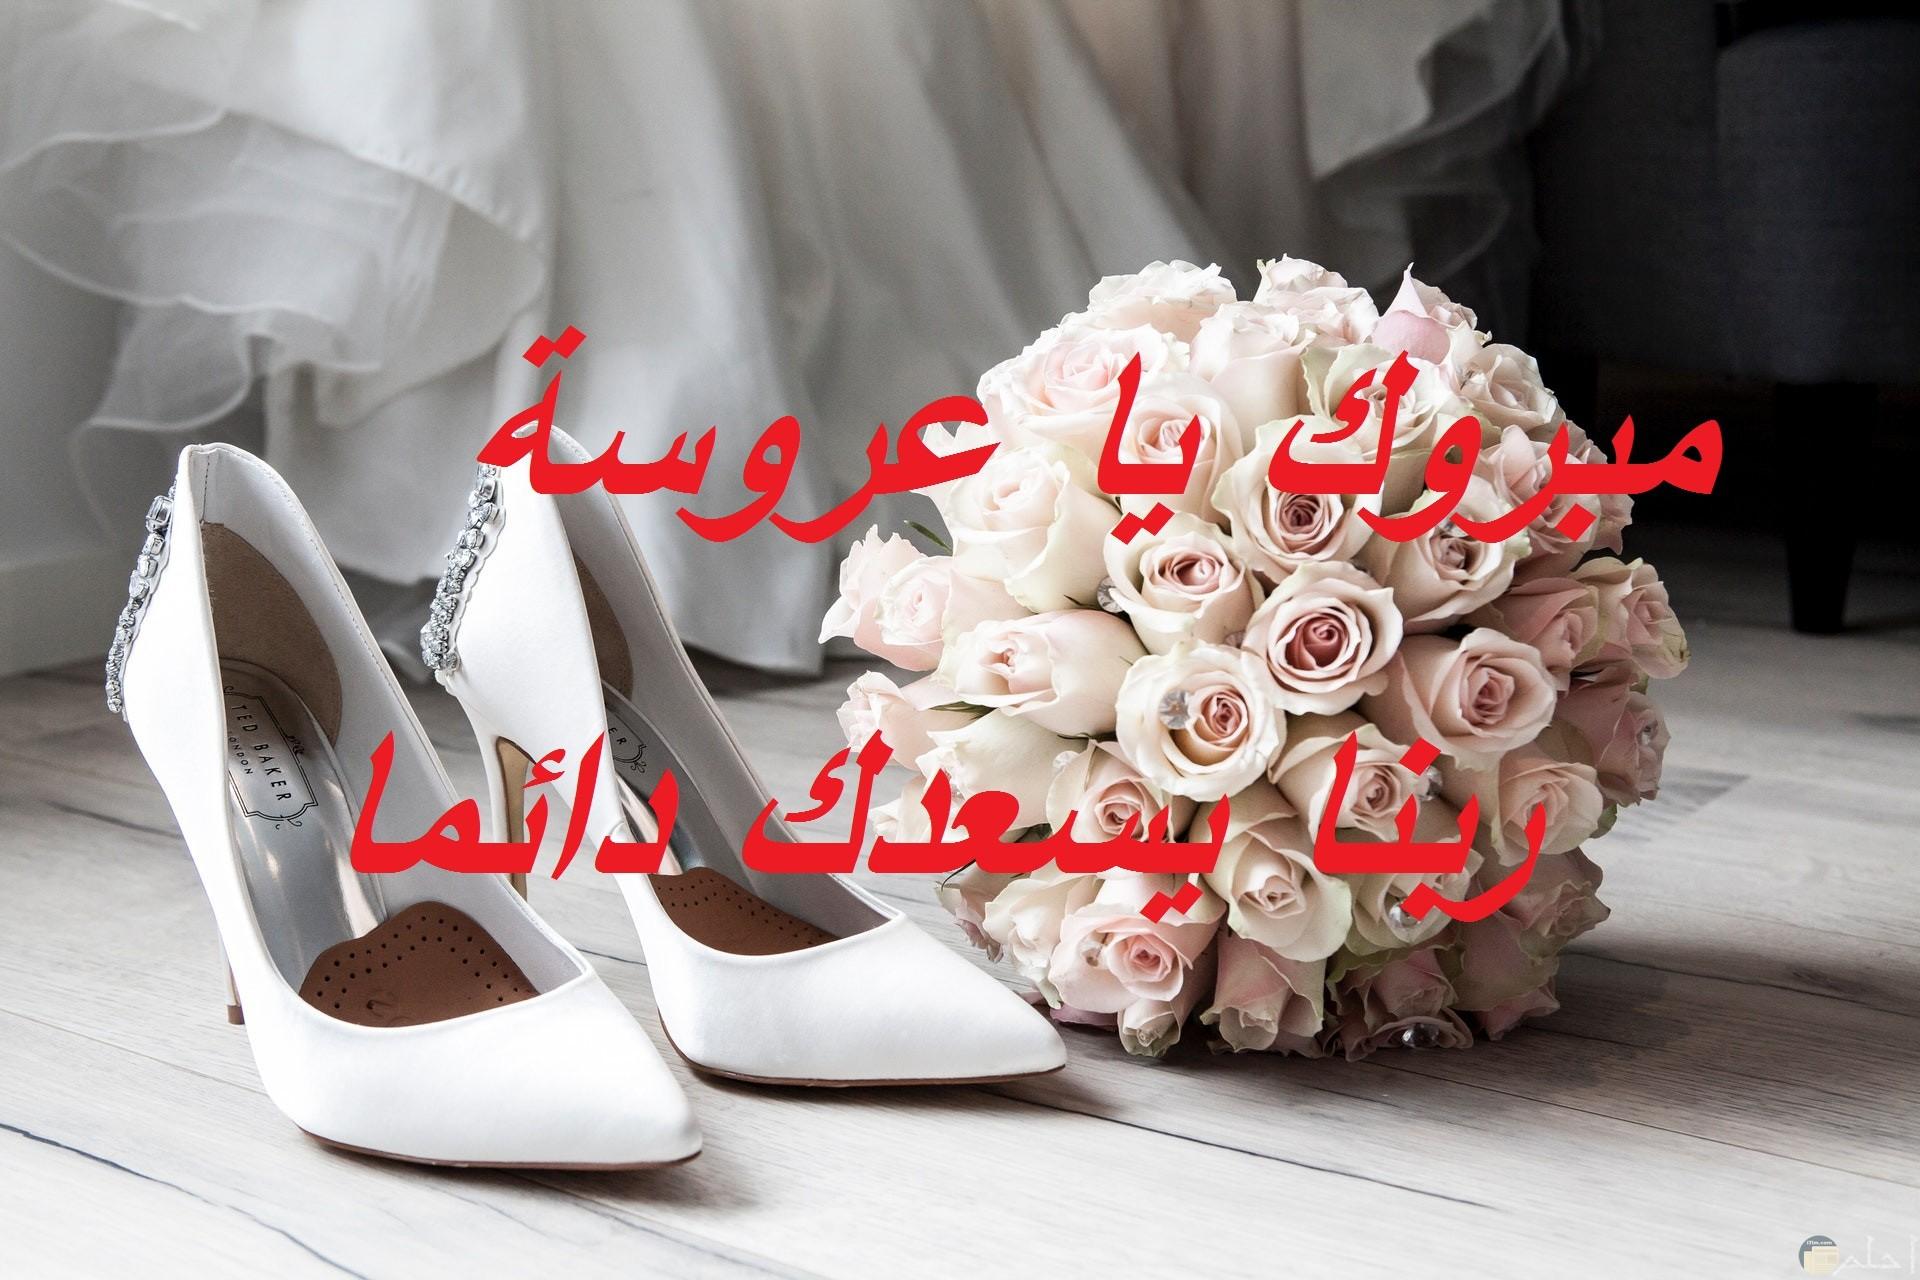 صورة جميلة مكتوب عليها تهنئة للعروسة والدعاء بالسعادة لها